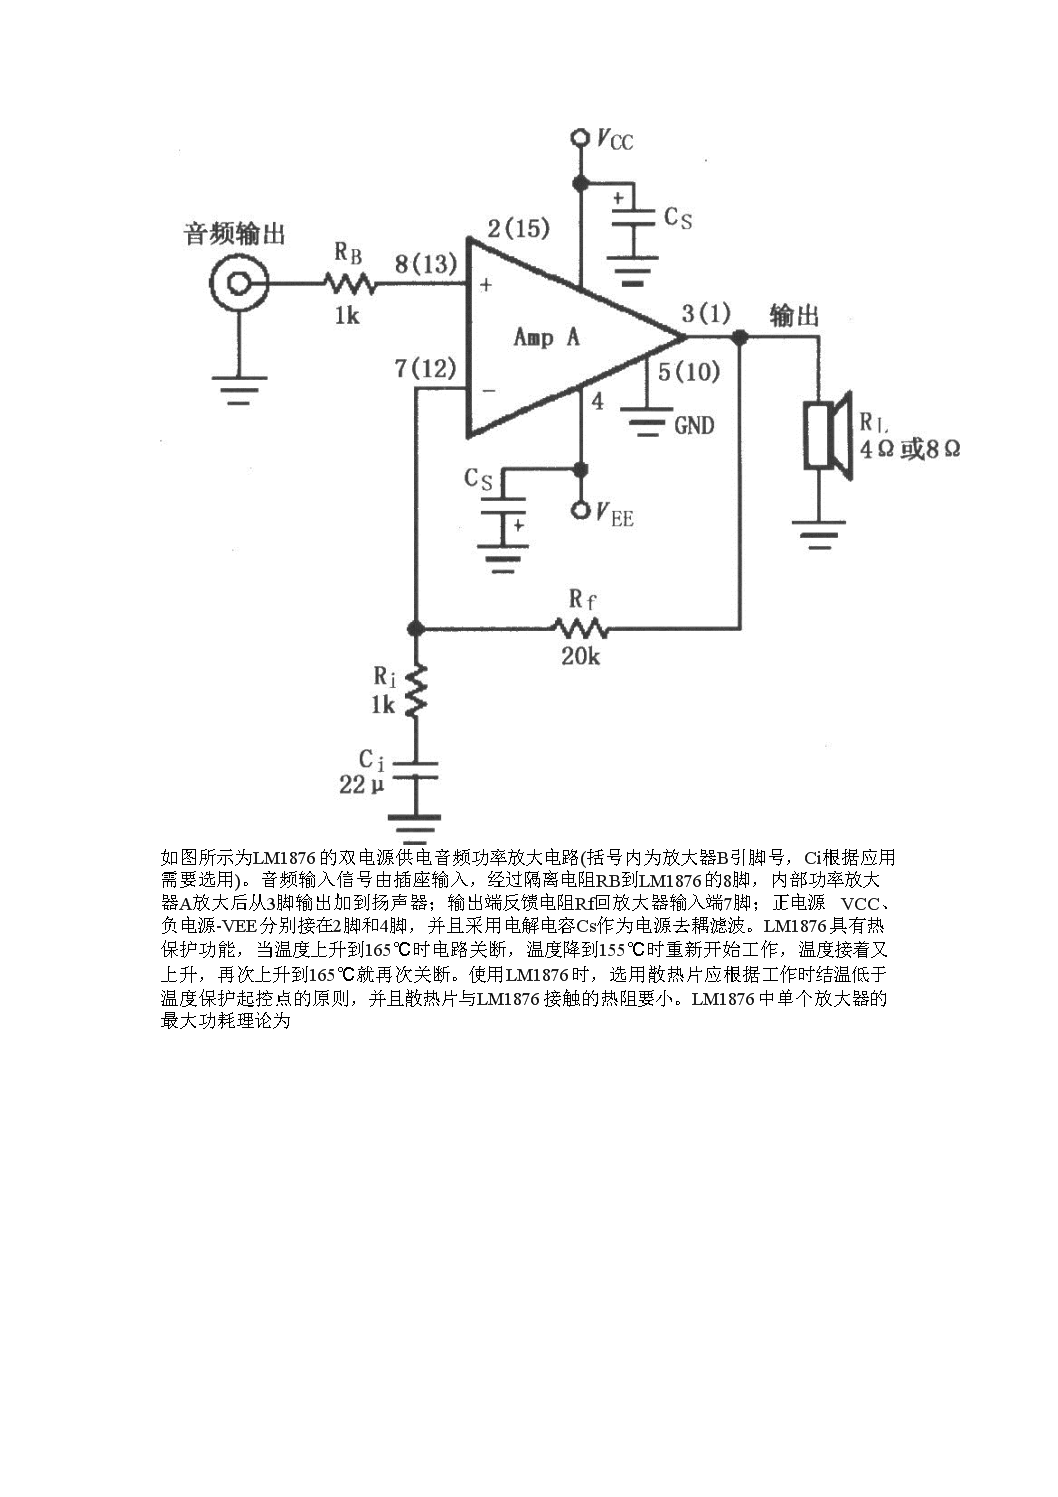 lm1876双电源供电音频功率放大电路